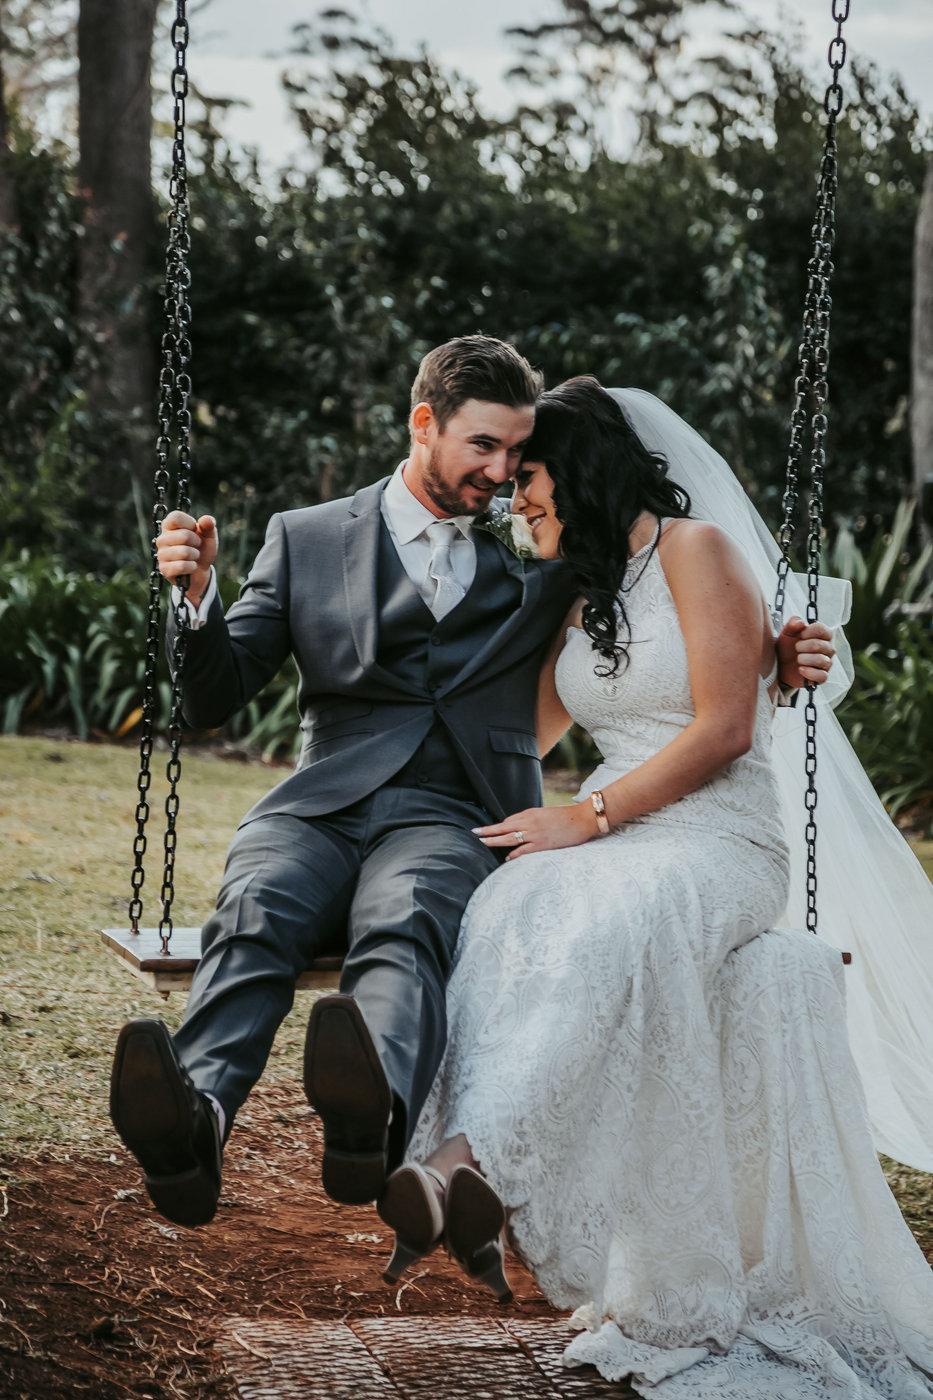 Wedding Photography couple on swing